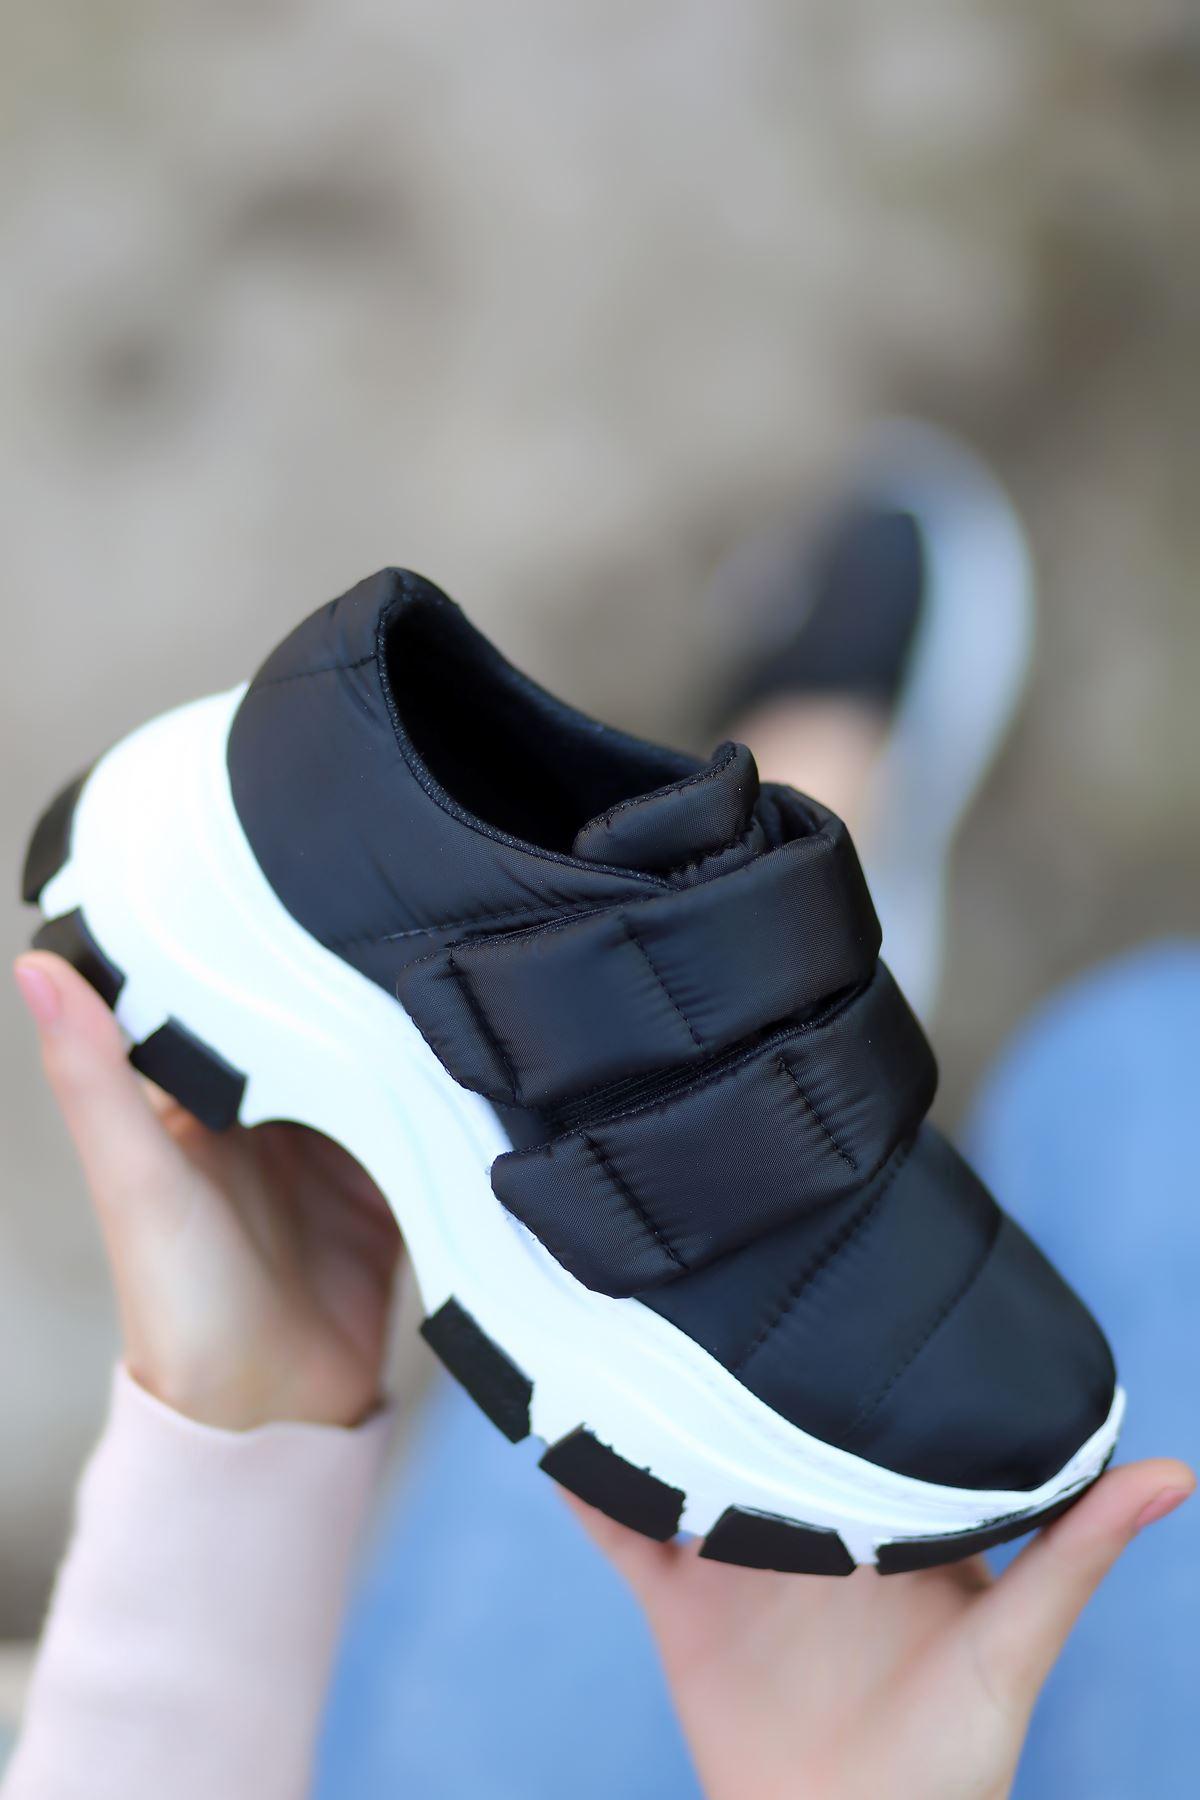 Eylül Cırt Detaylı Paraşüt Siyah Kadın Spor Ayakkabı